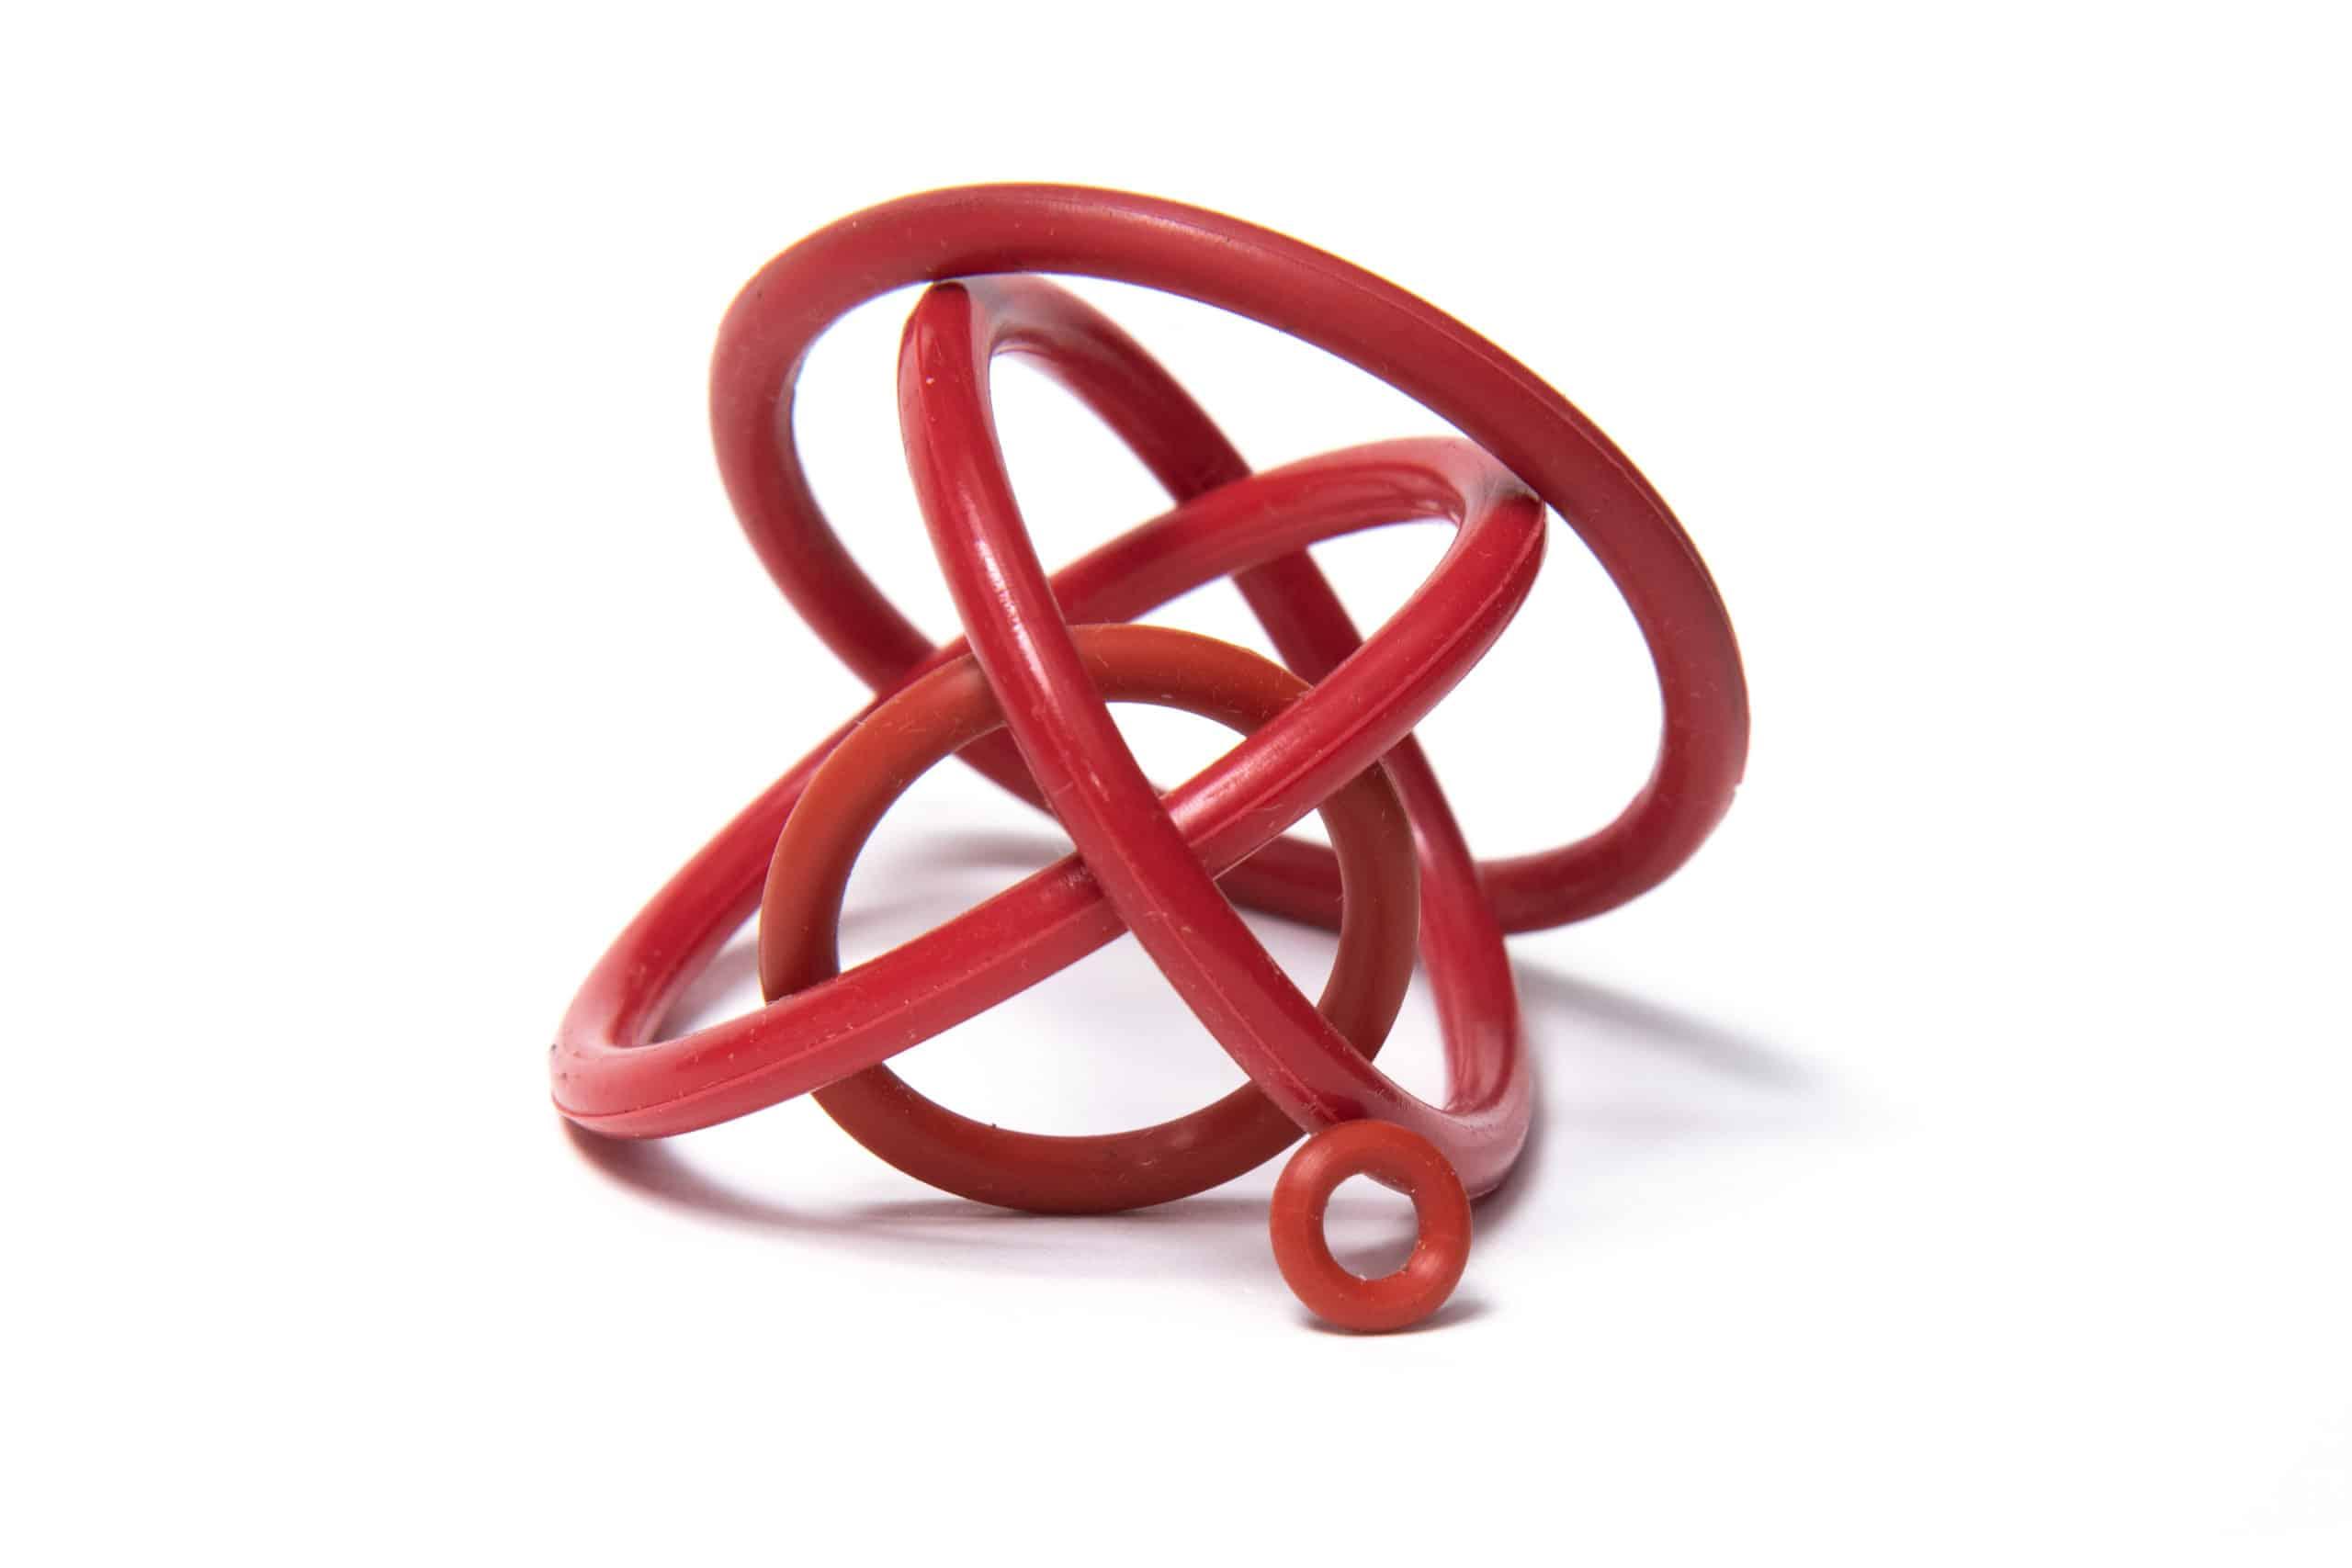 O型環組- 共六個O型環 (標準產品配壓力錶組用)